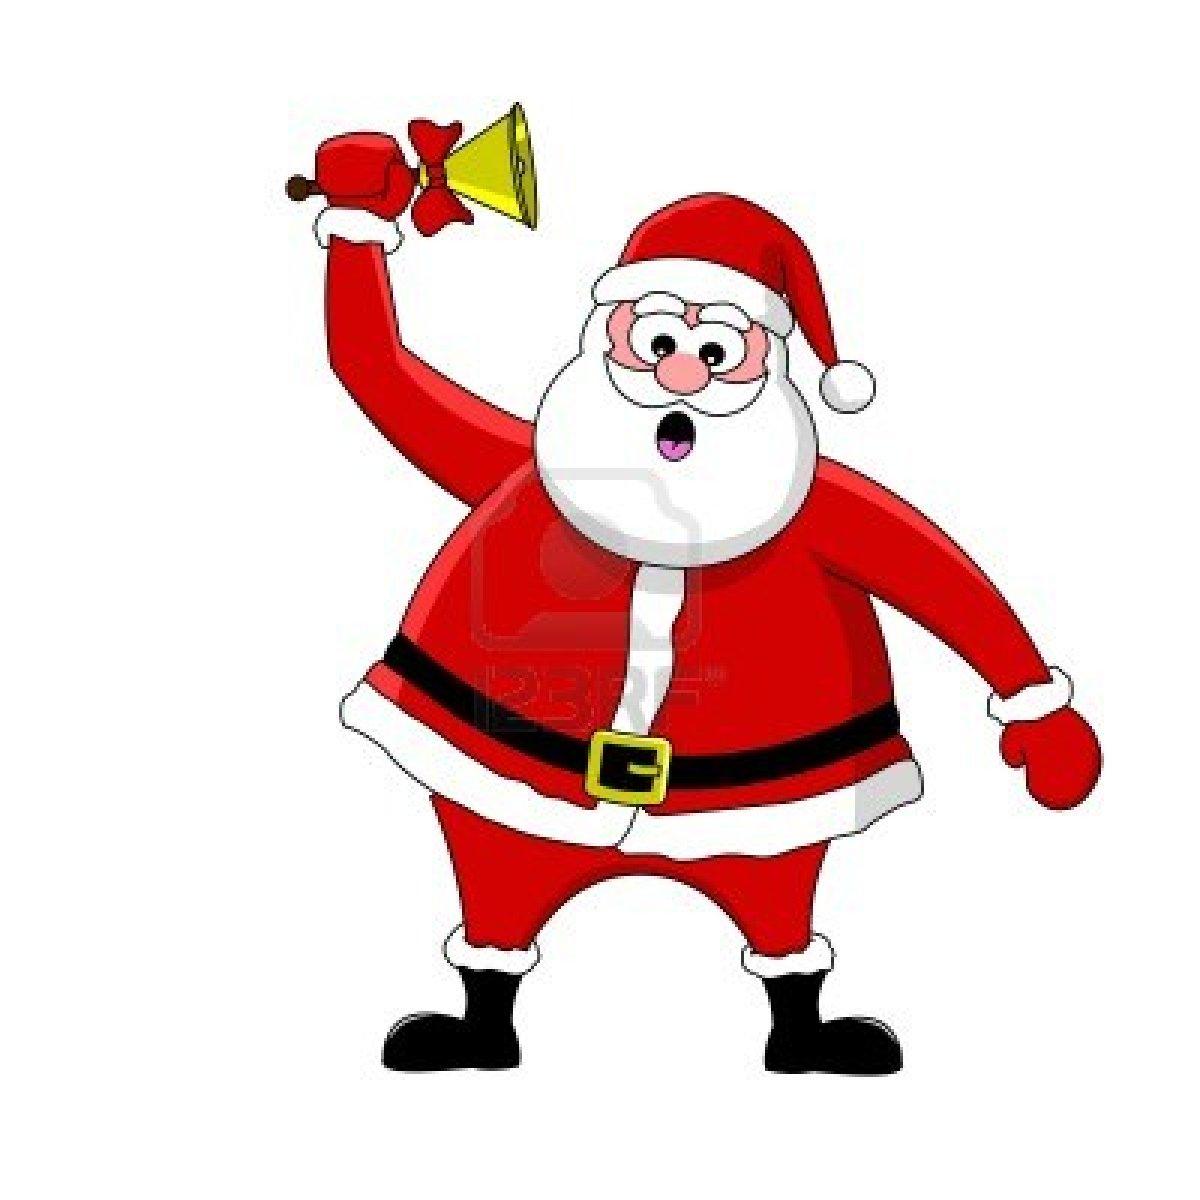 1200x1200 animated santa claus images merry christmas santa - Free Santa Claus